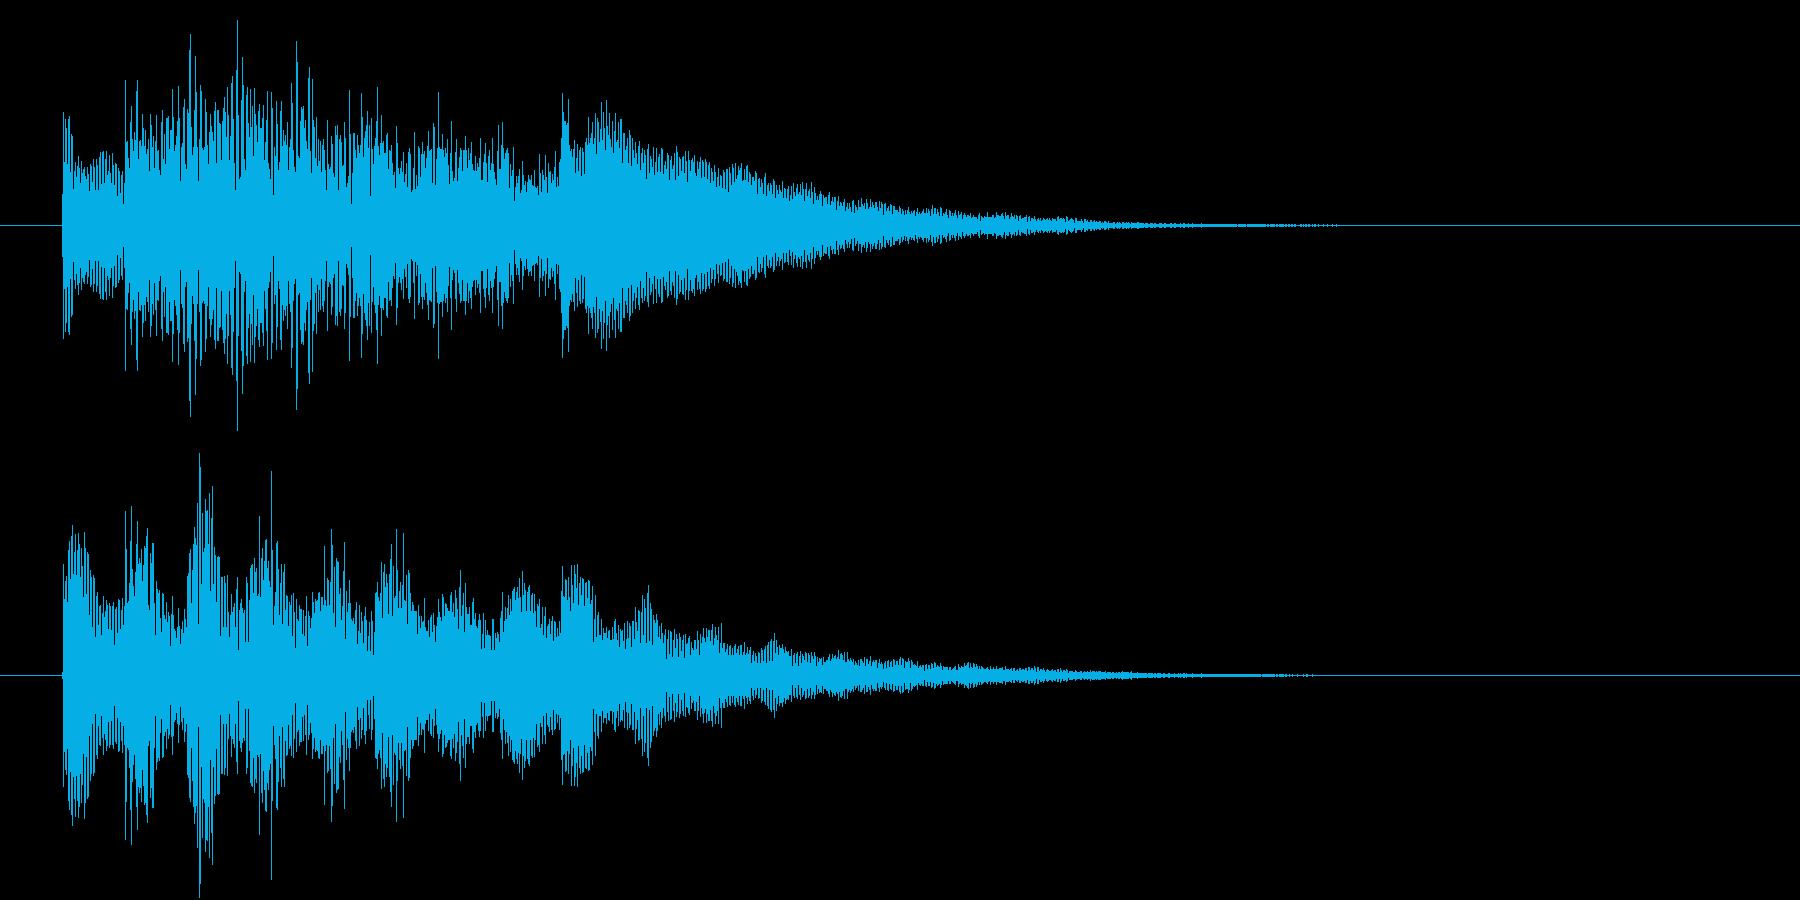 不思議なビブラフォンの駆け上がりの再生済みの波形